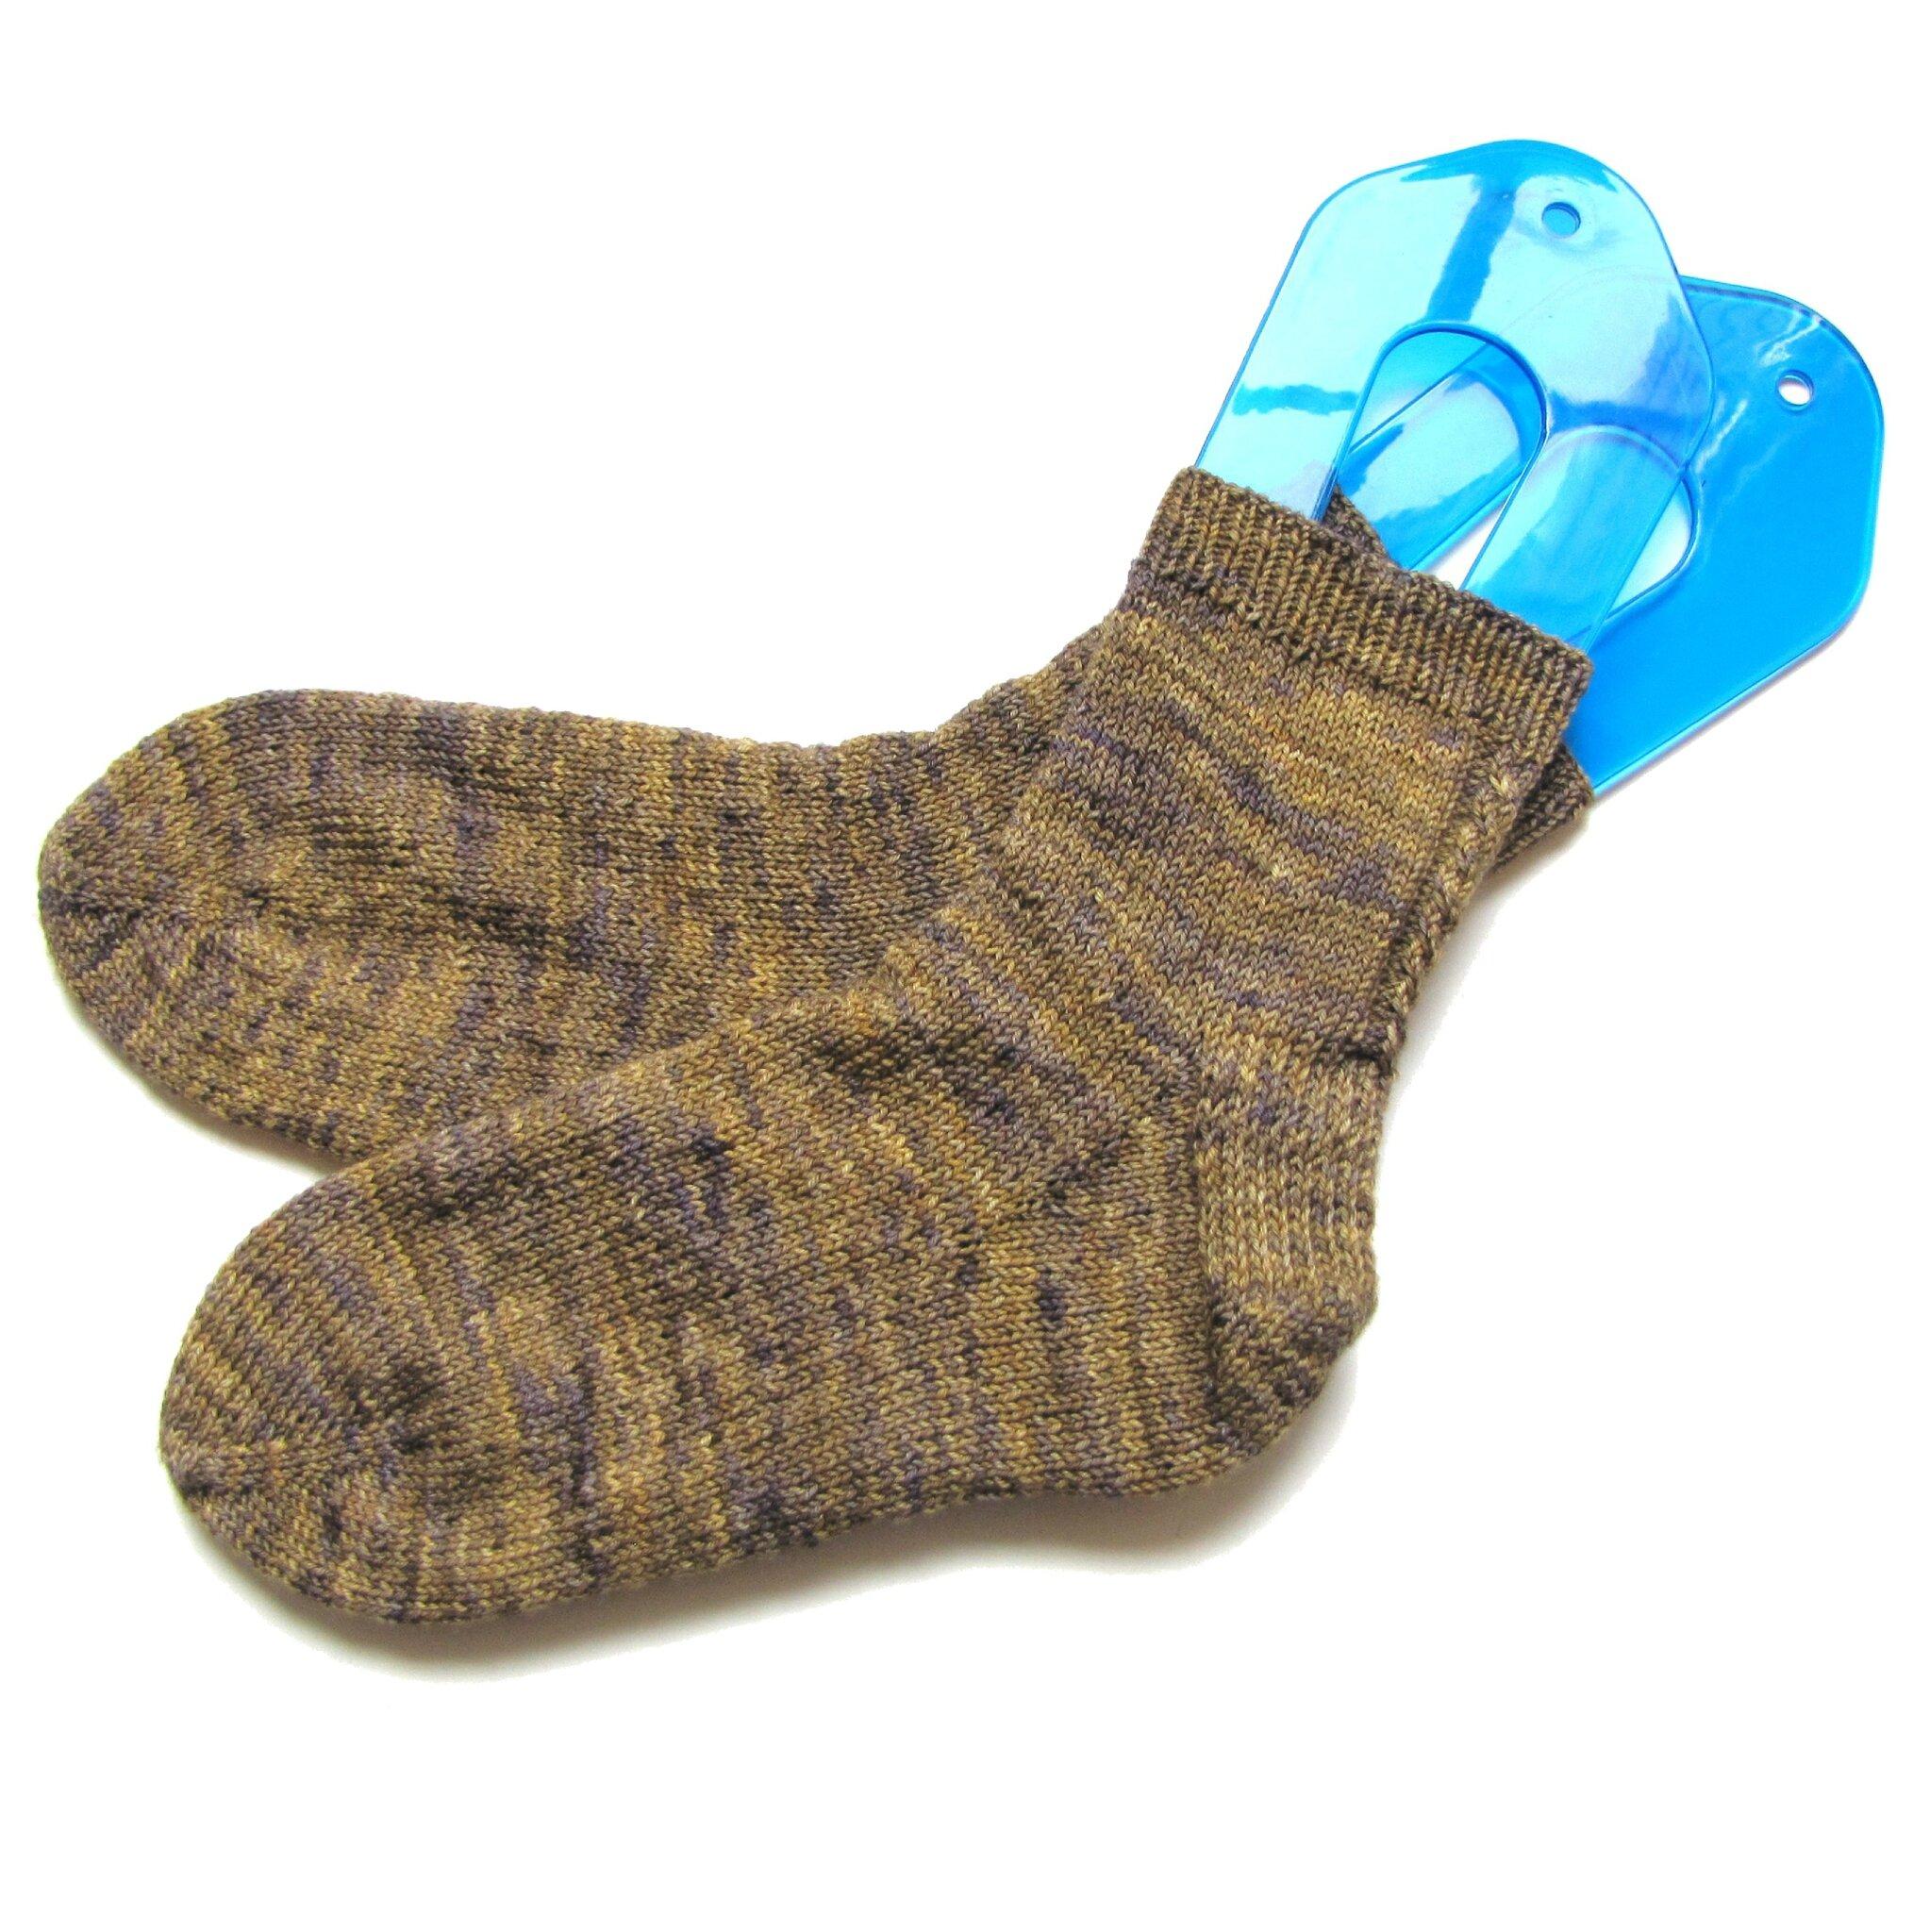 Chaussette... Chaussette c'est l'année de la chaussette?